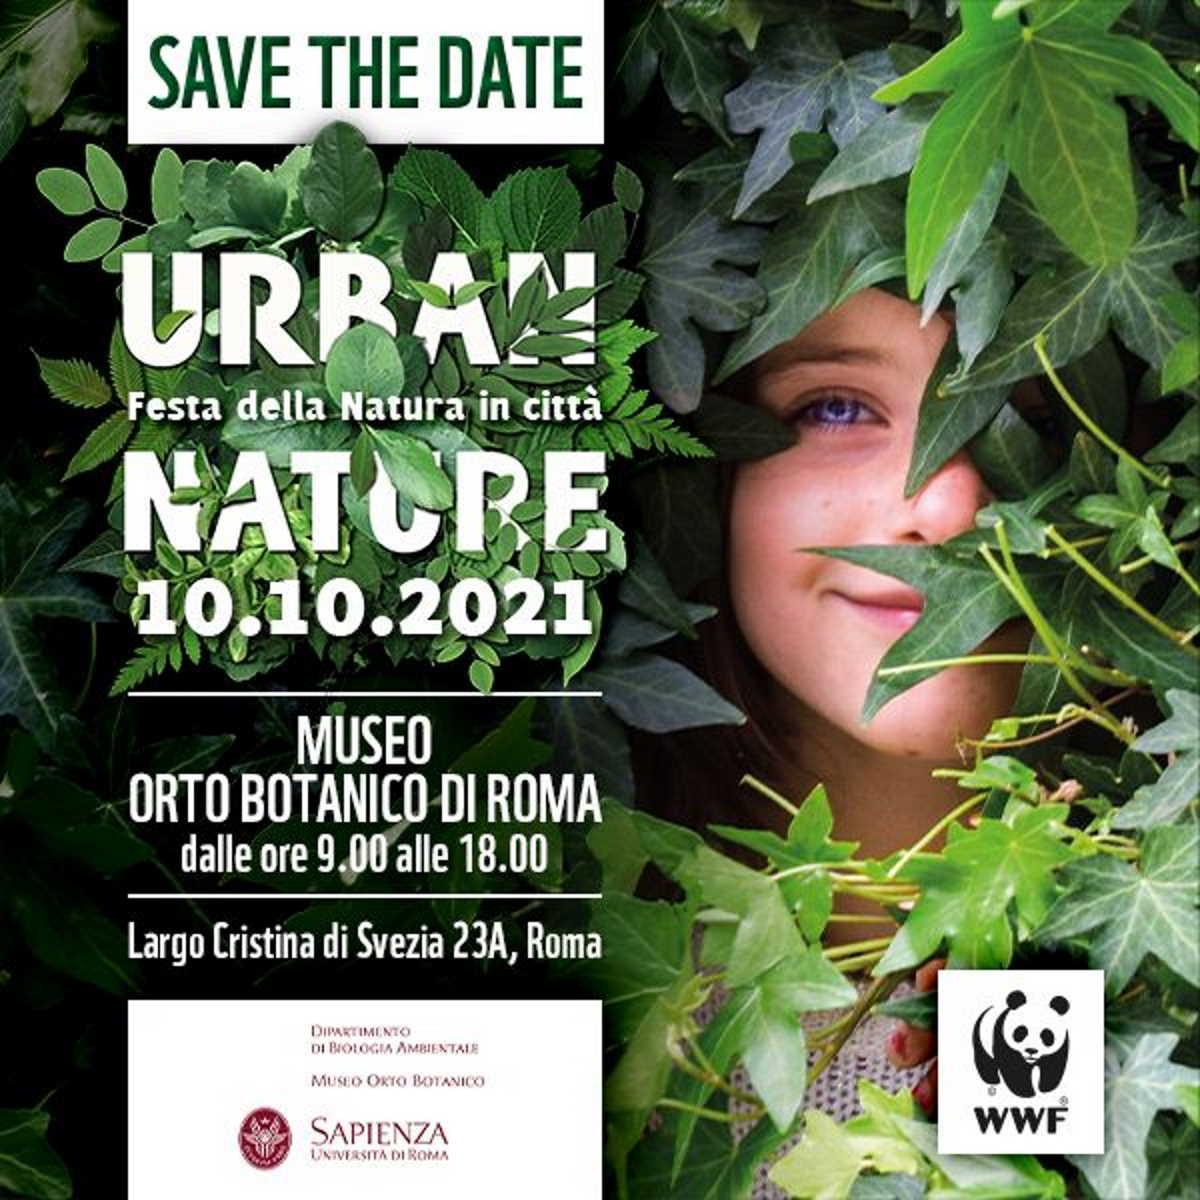 Domenica 10 ottobre, #UrbanNature2021, la Festa della Natura in Città promossa dal WWF